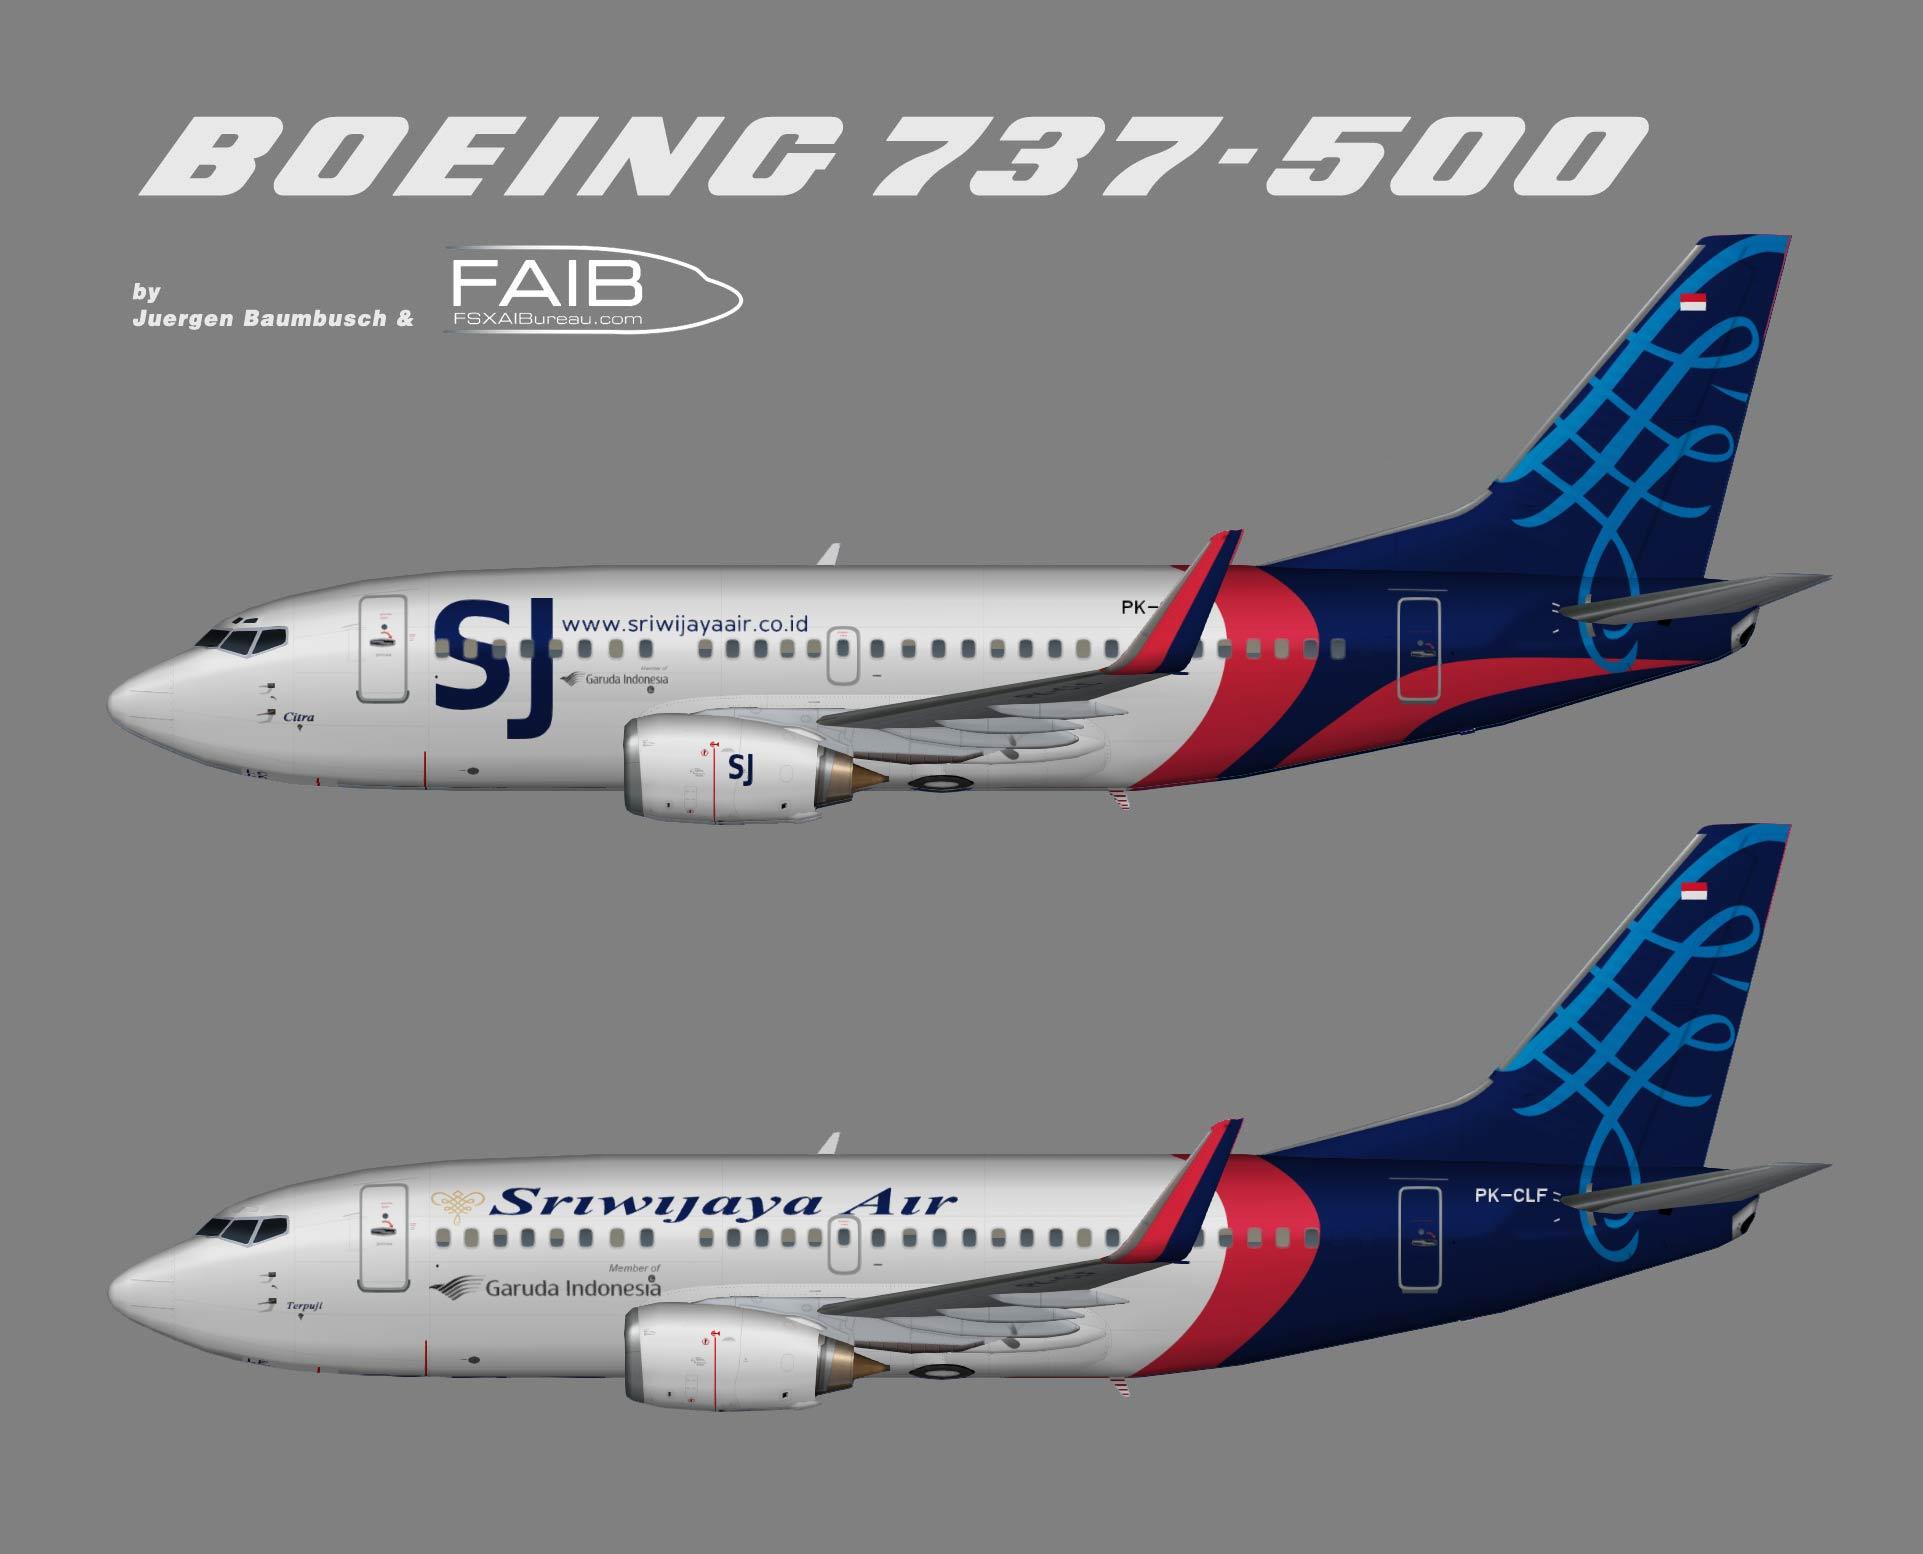 Sriwijaya Air Boeing 737-500w